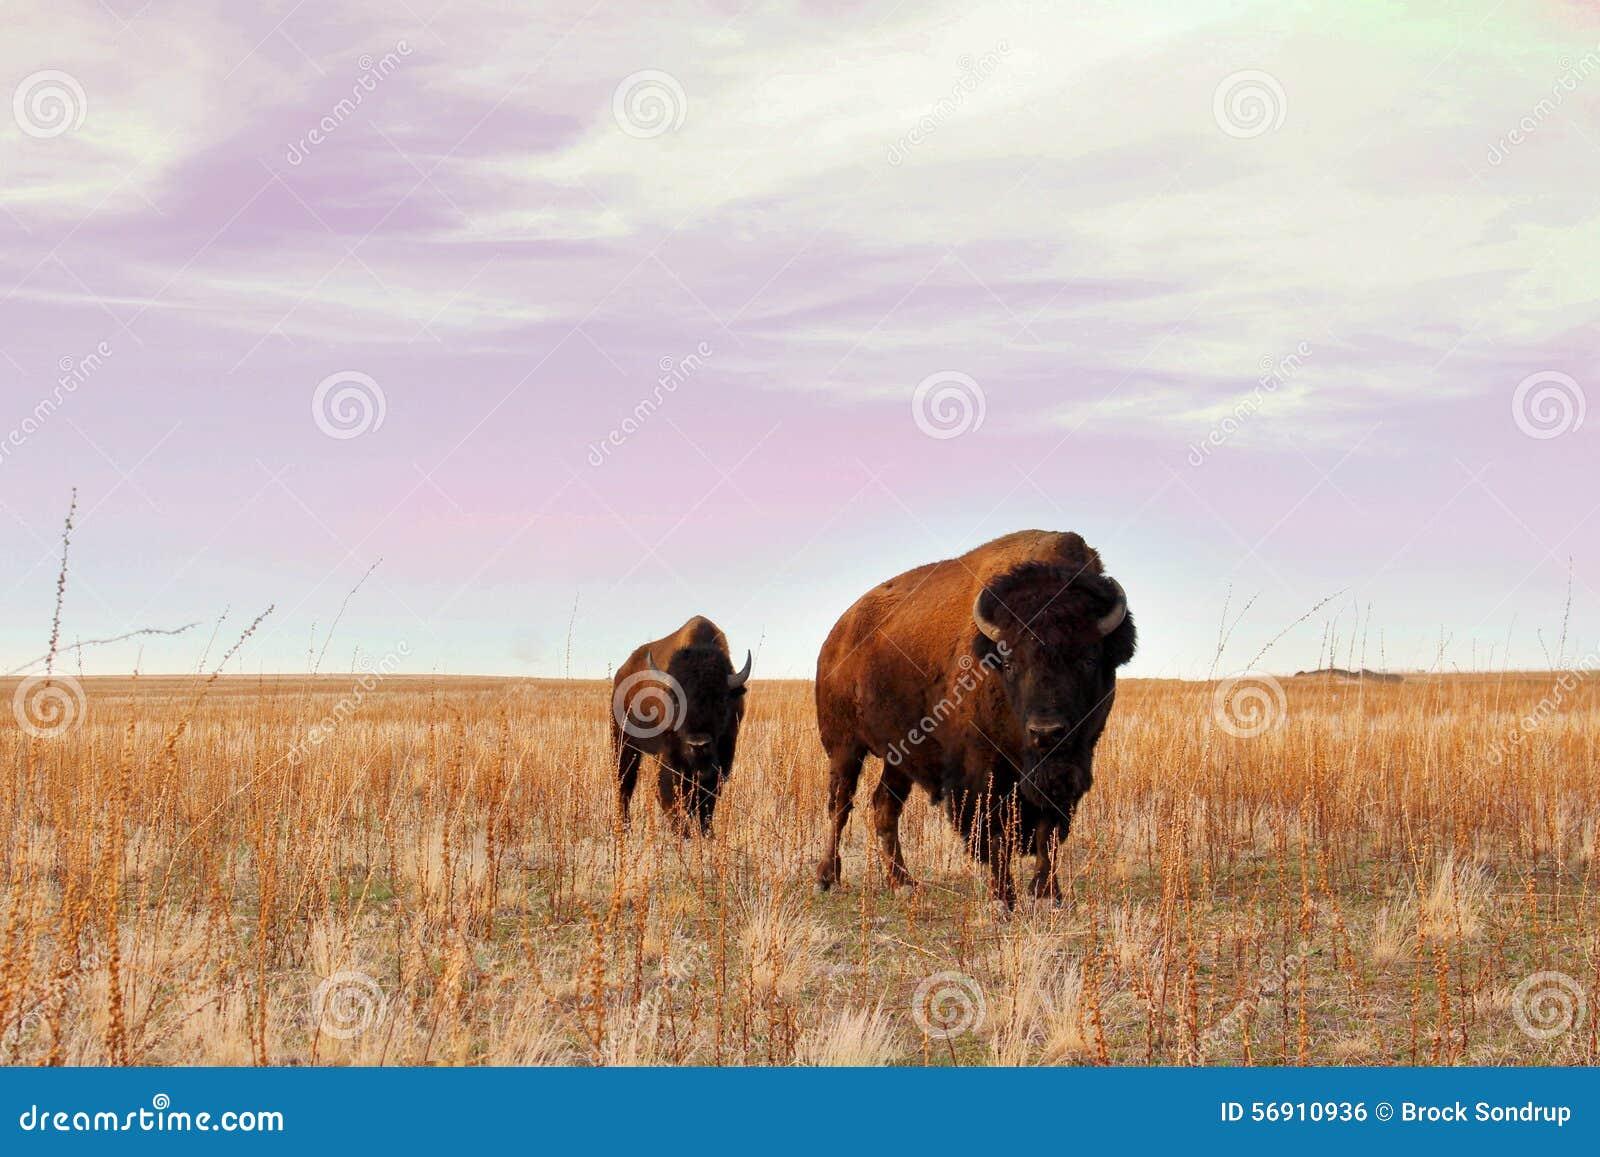 Bison Stare Down